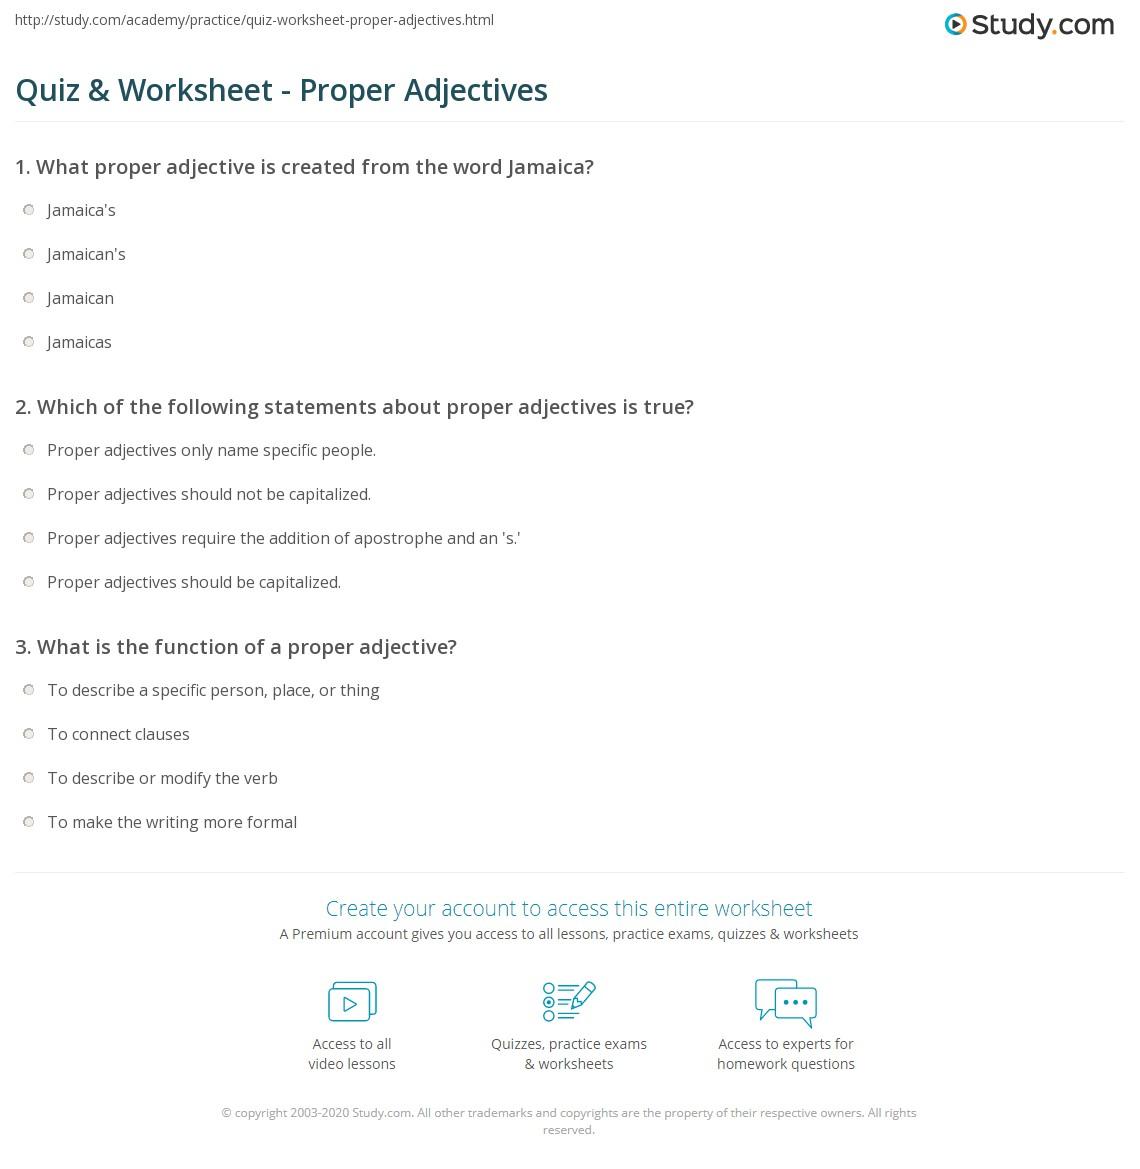 Quiz Worksheet Proper Adjectives – Proper Adjectives Worksheets